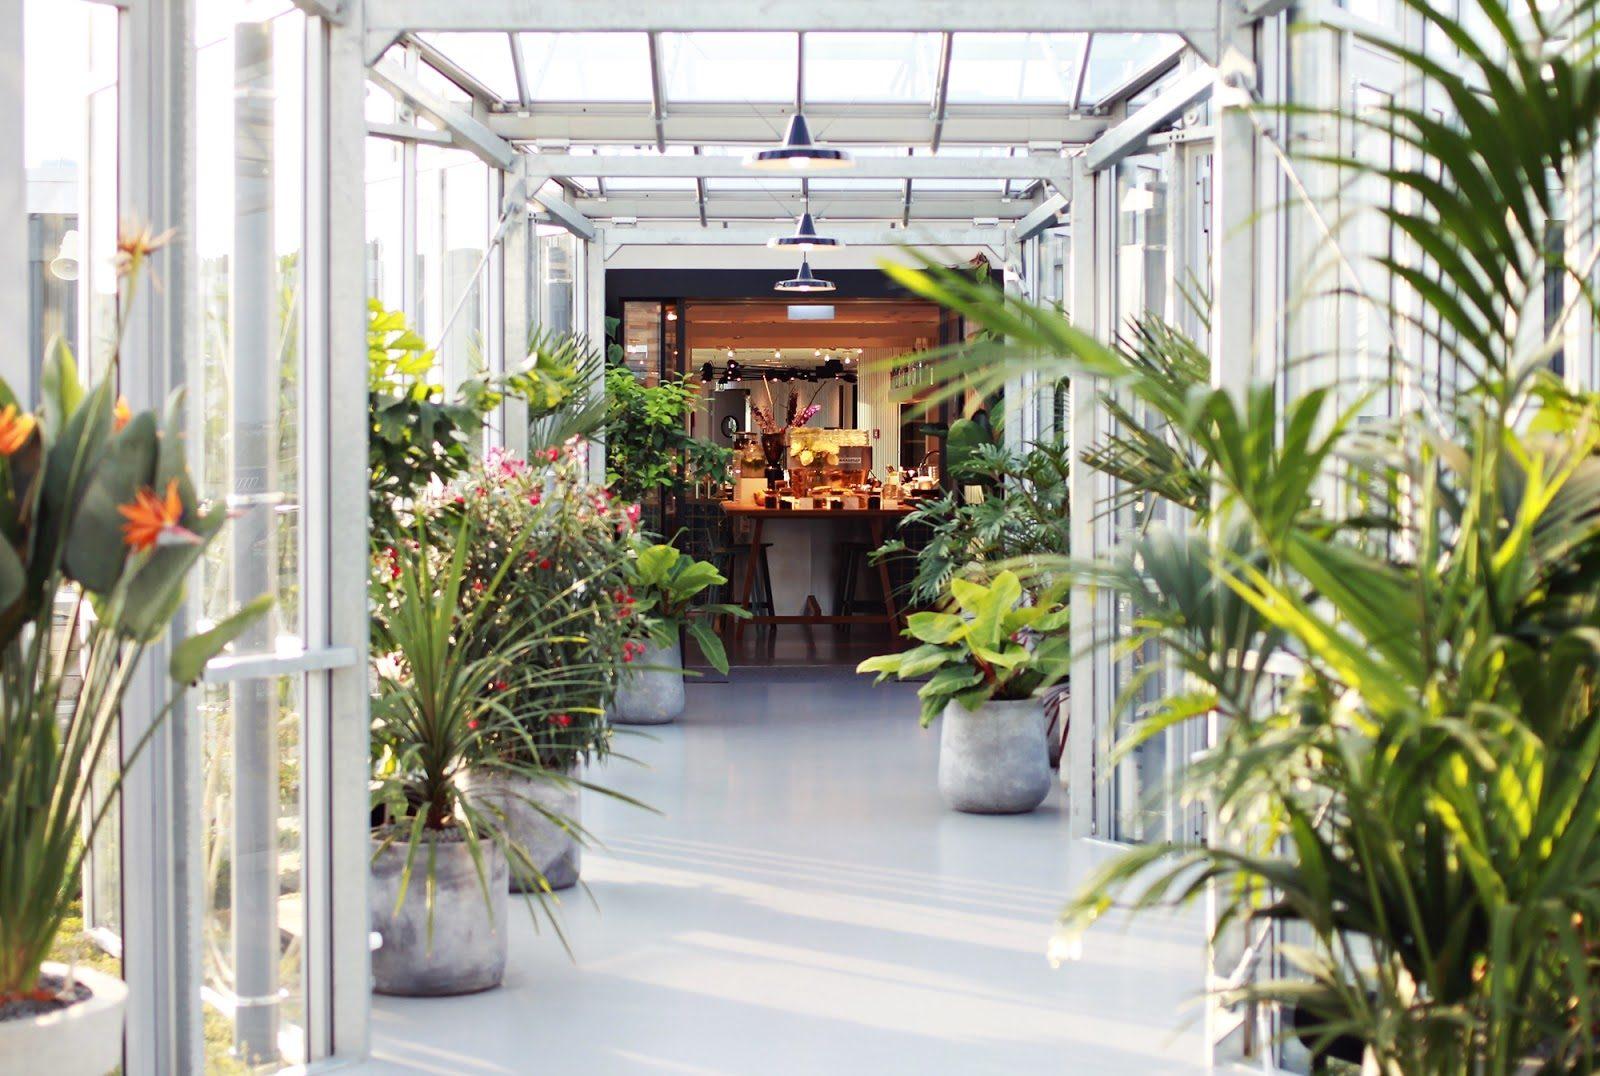 Gewächsaus im Zoku Hotel in Amsterdam